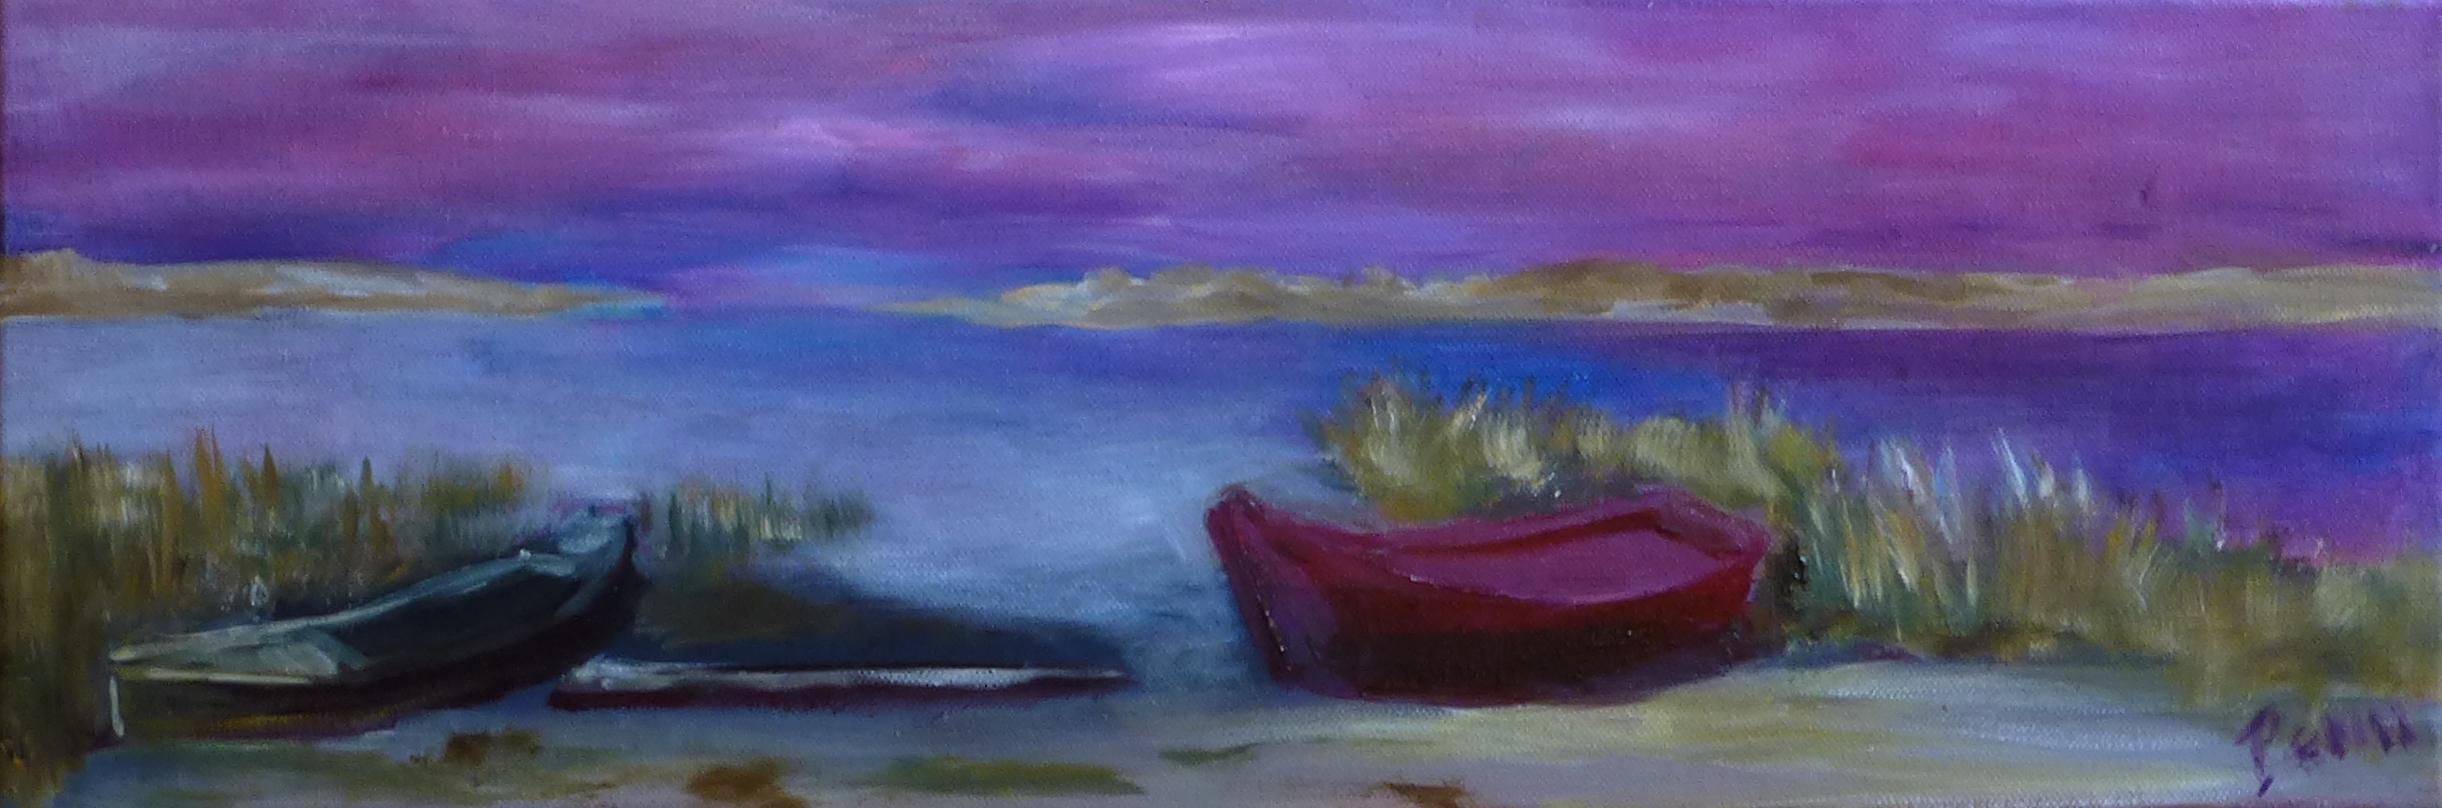 Barques sur fond violet